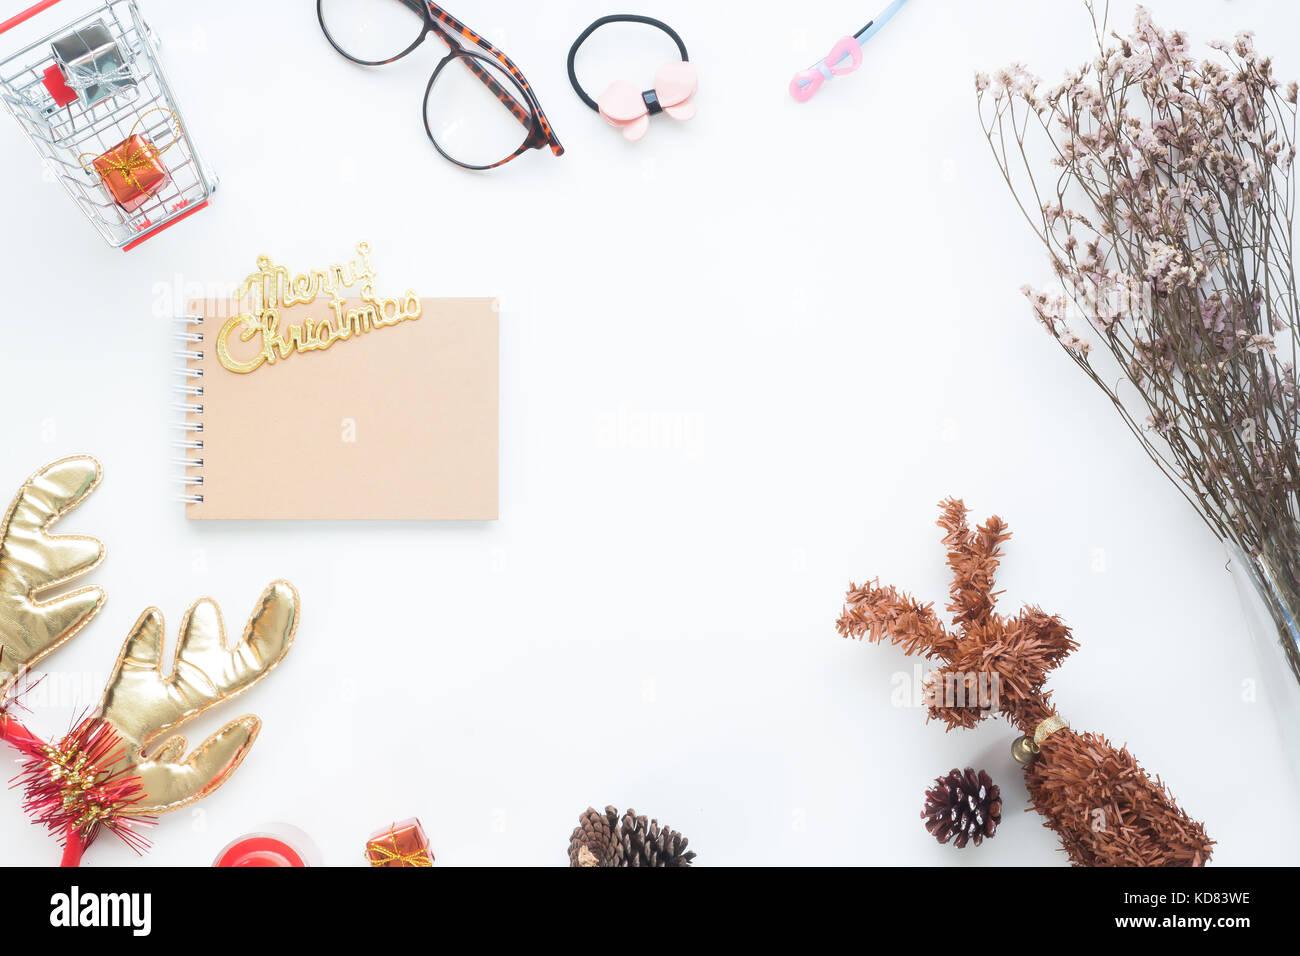 Creative laici piana di decorazioni natalizie e notebook su sfondo bianco con spazio di copia Immagini Stock